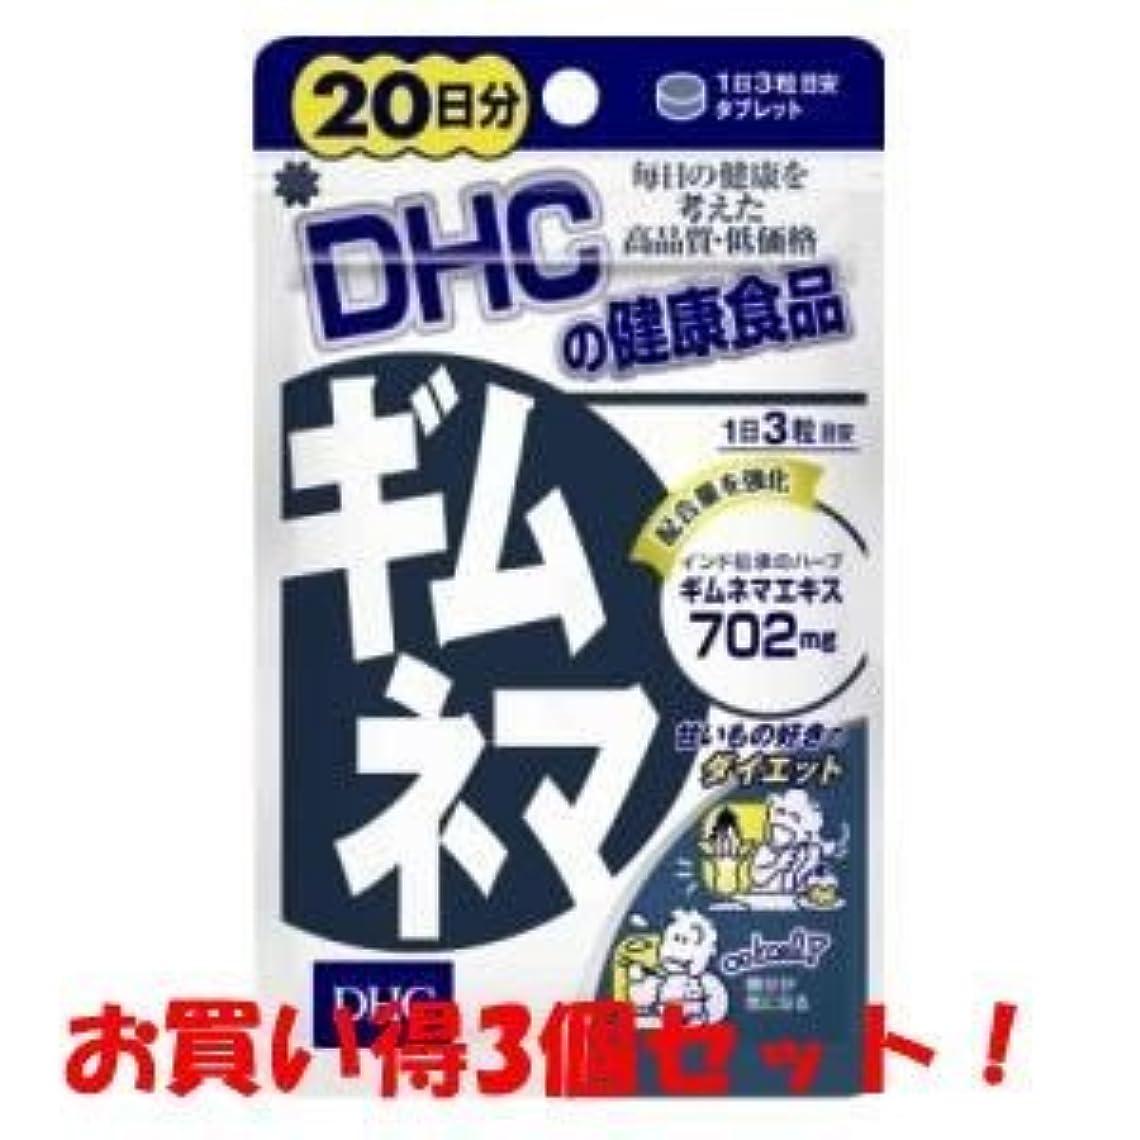 ビジュアル静める努力DHC ギムネマ 20日分 60粒(お買い得3個セット)